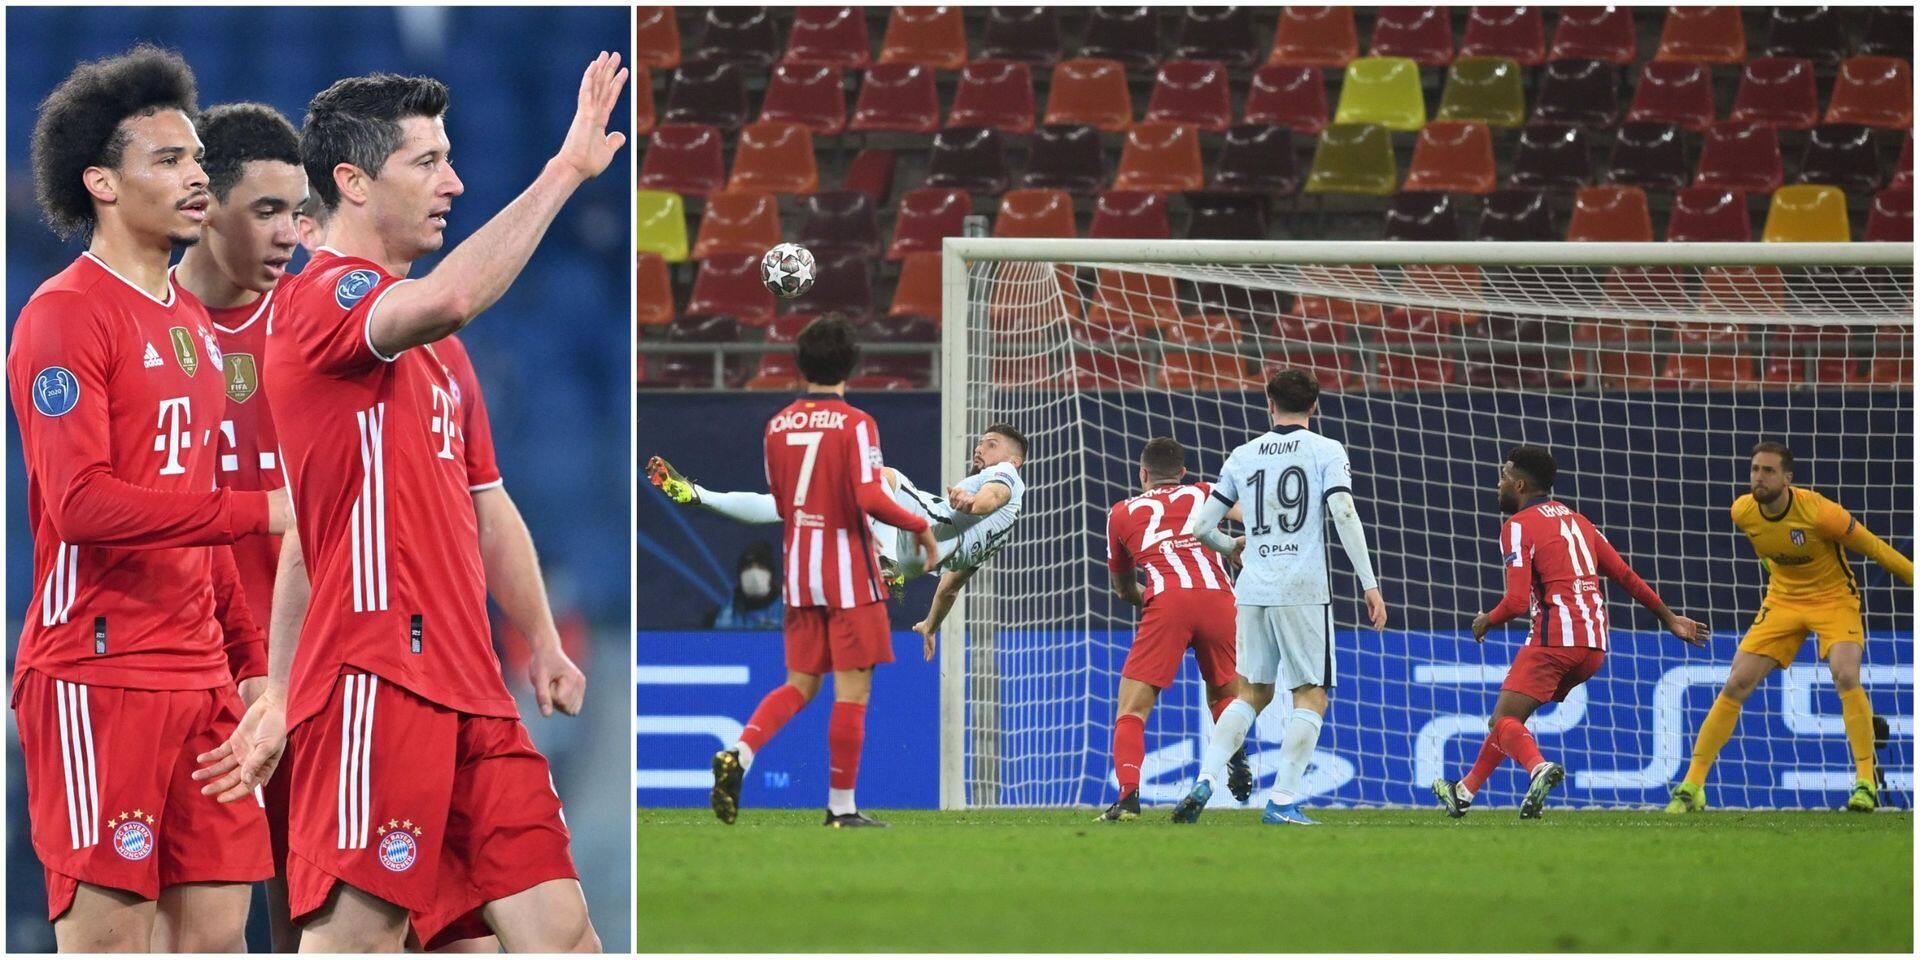 Ligue des Champions: un bijou de Giroud permet à Chelsea de s'imposer à l'Atletico, le Bayern écrase la Lazio et prend une large option sur les quarts